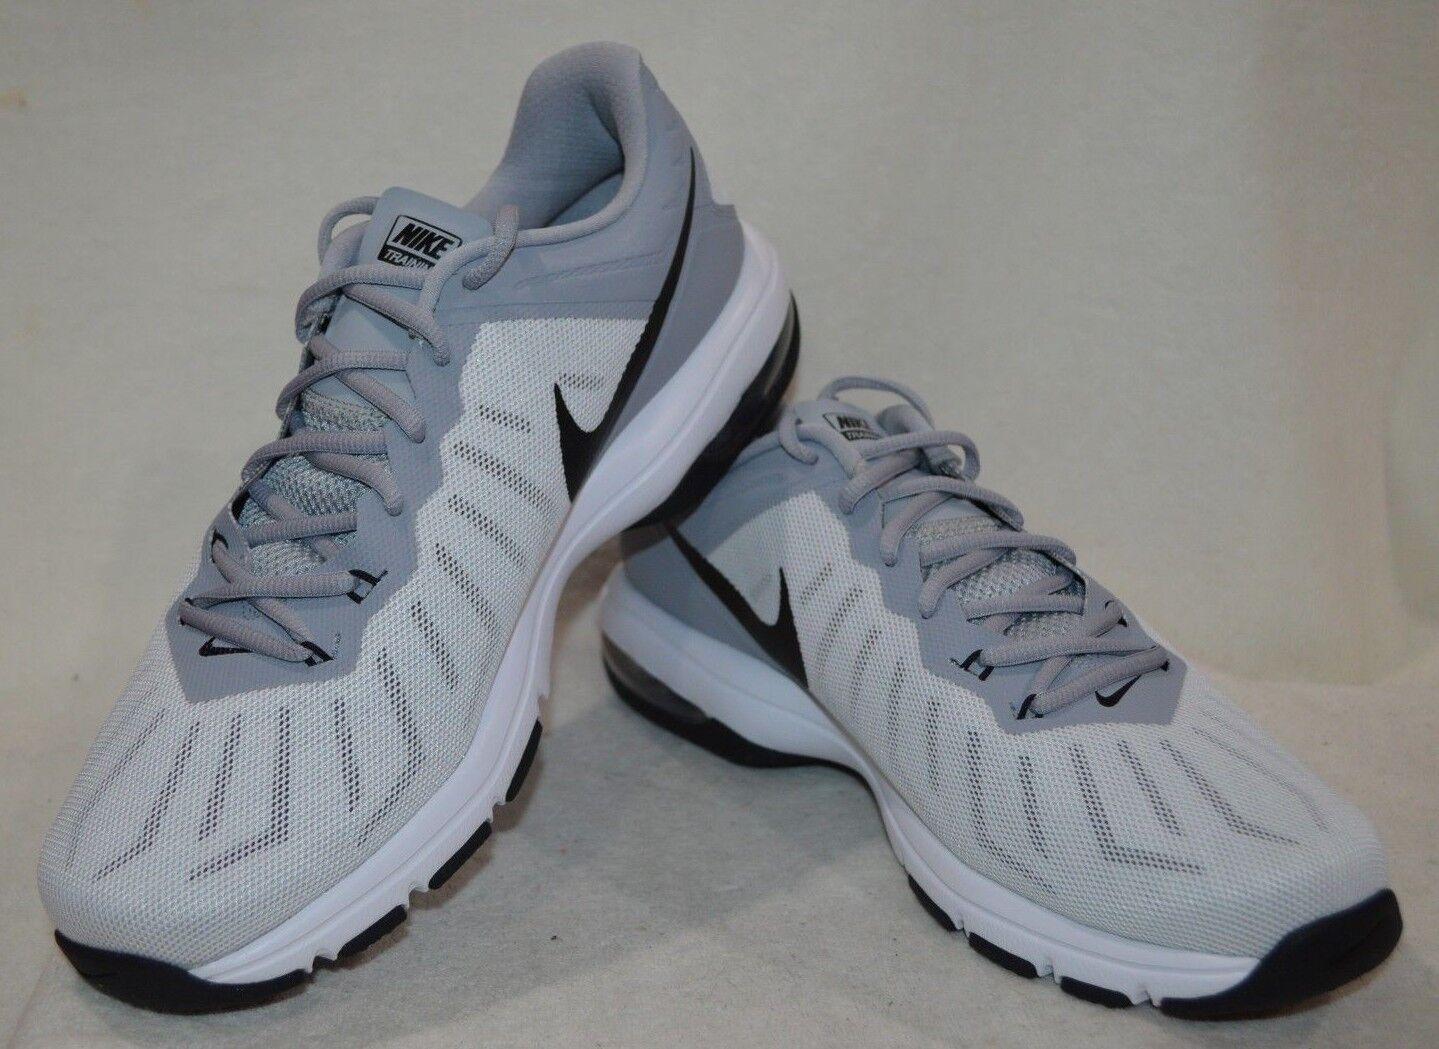 Nike air max giro completo bianco / nero / grigio: gli uomini di formazione scorpe / bianco / nero / grigio nwb